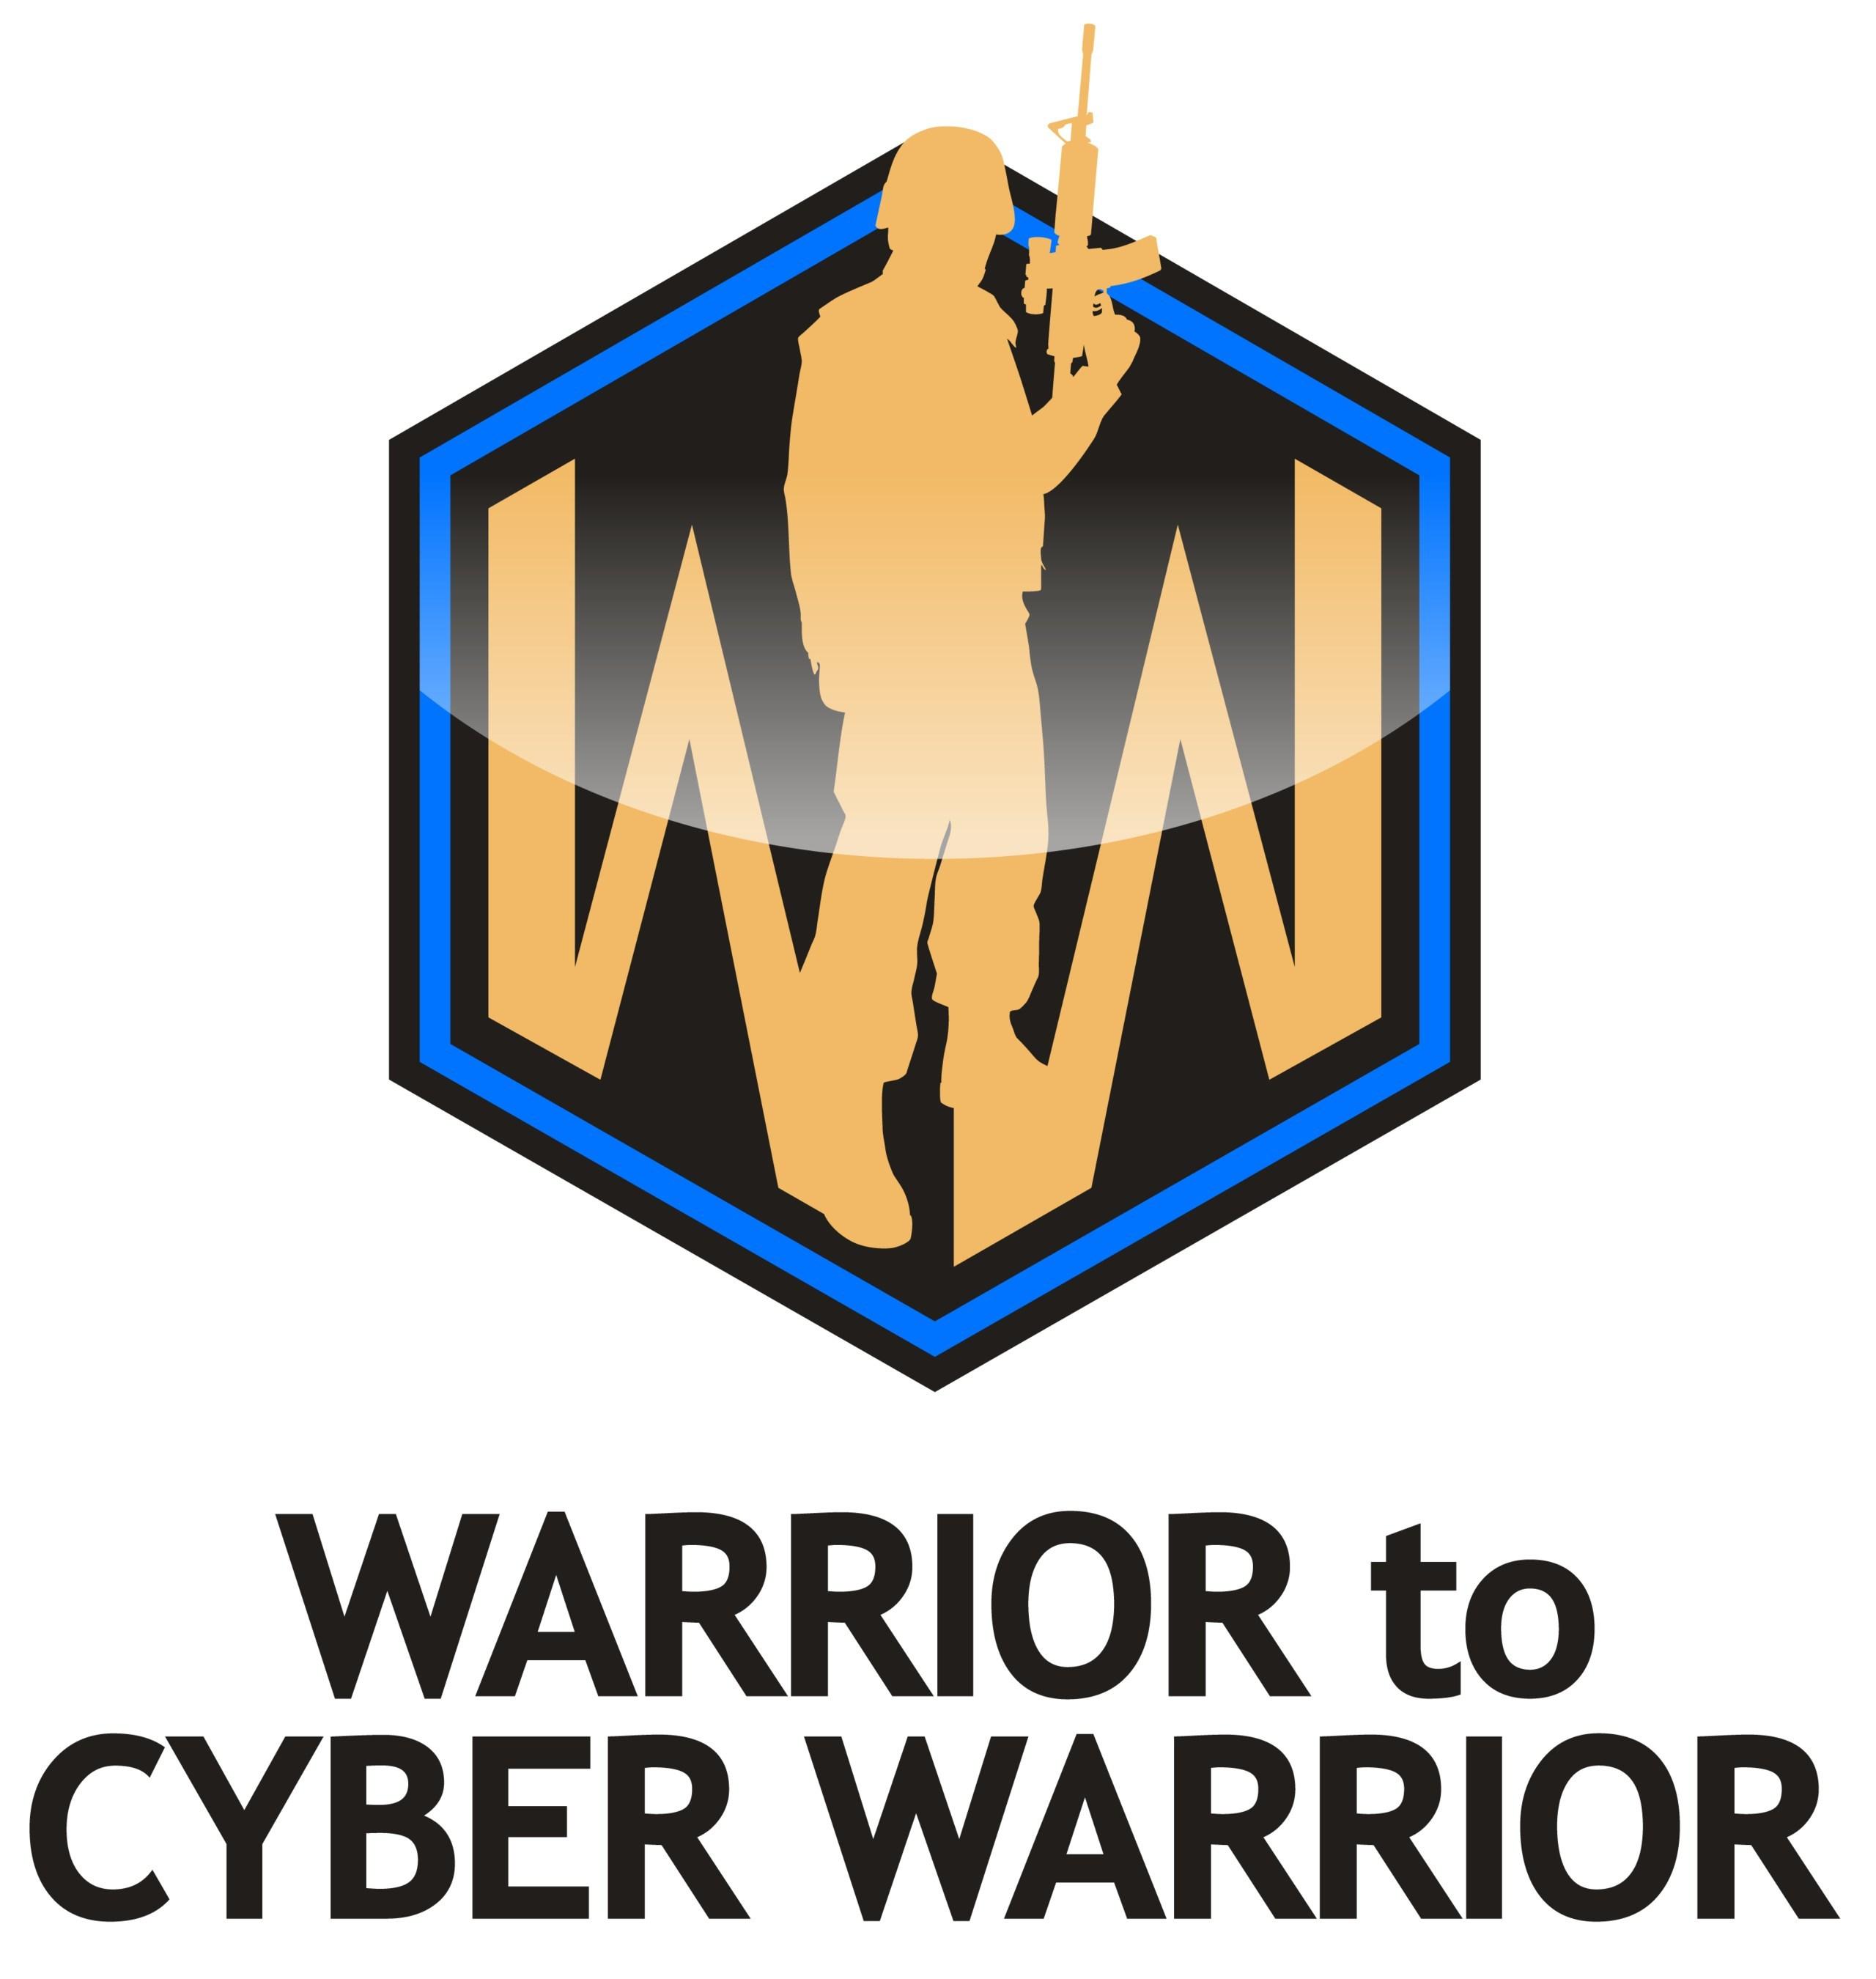 Warrior to Cyber Warrior